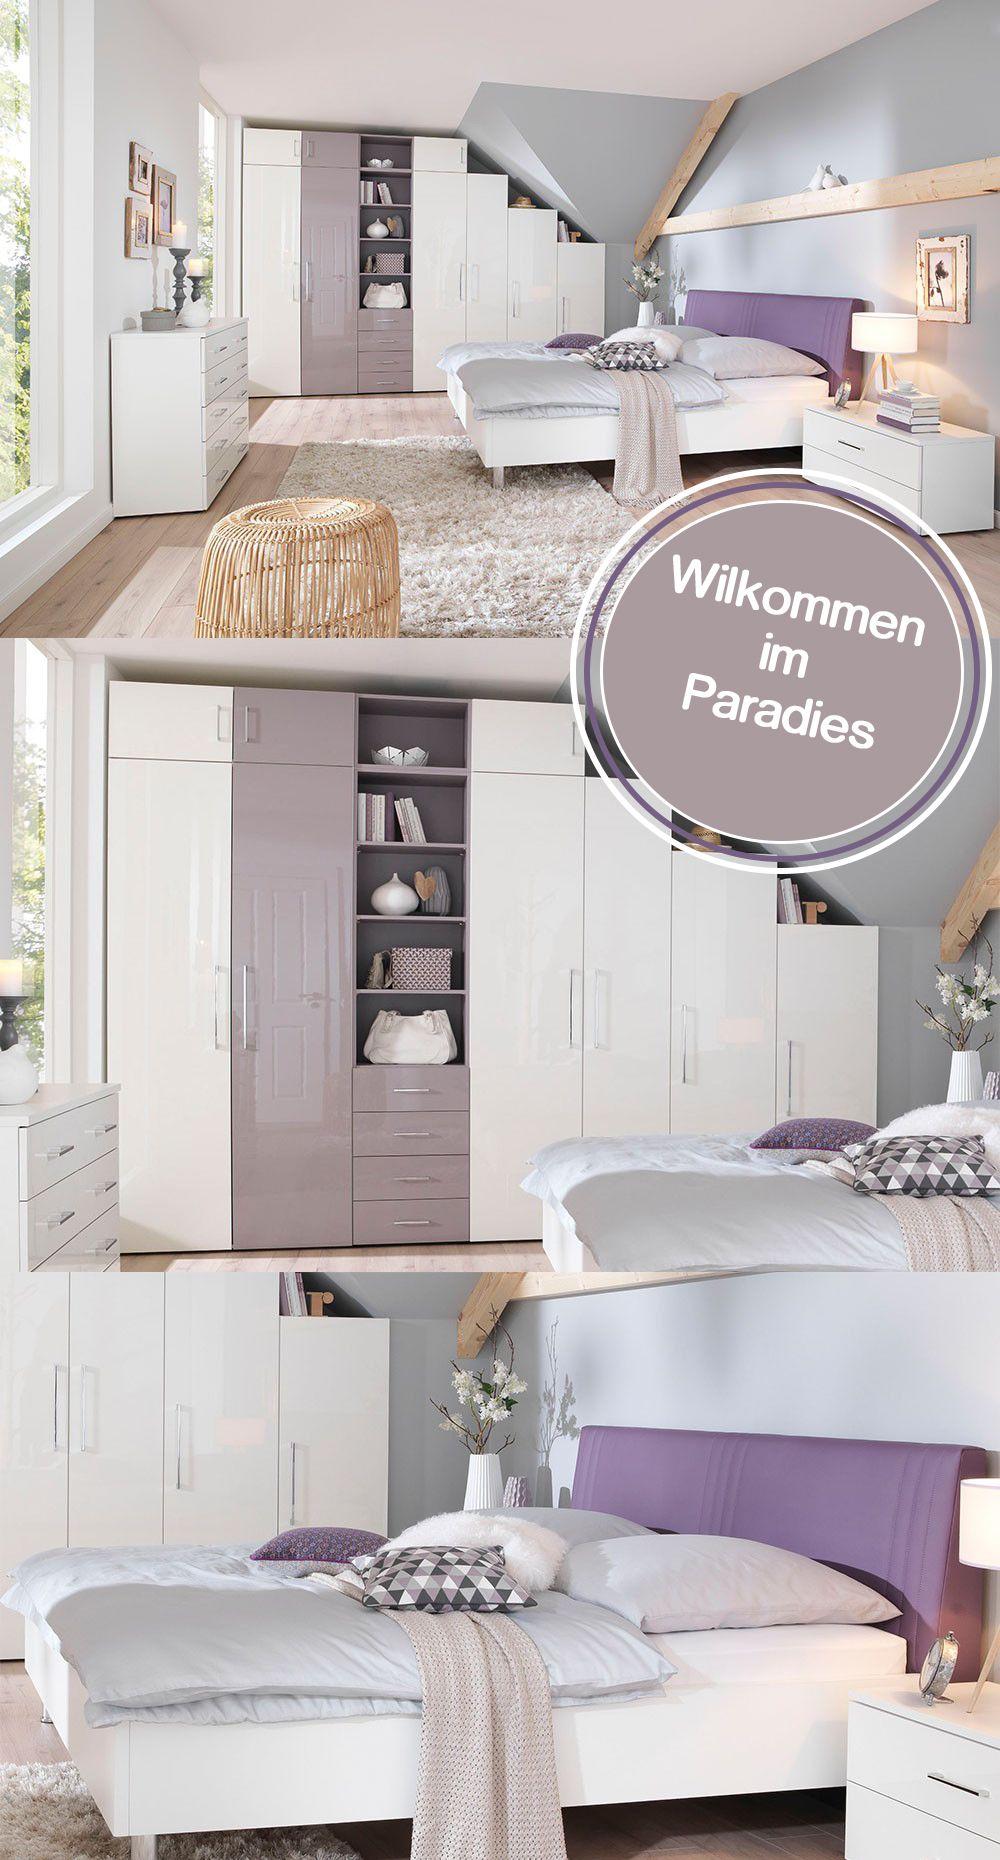 KSW von Wellemöbel - Komplett-Schlafzimmer weiß - lila | Pastels ...